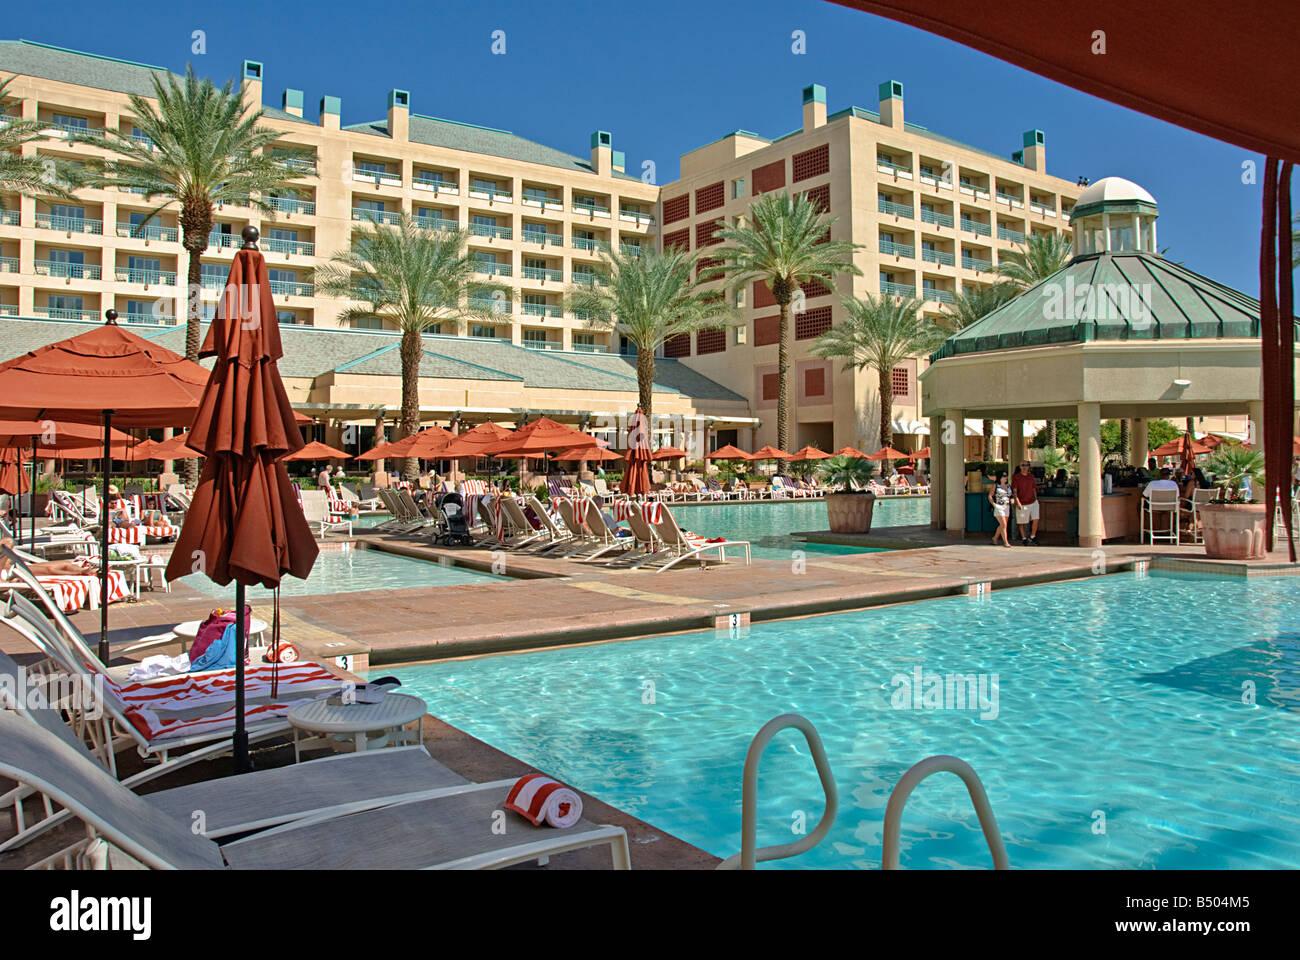 Renaissance Esmeralda Indian Wells Moderne Luxus Resort In Der Nähe Von  Palm Desert Palm Springs Ca üppigen Garten Herrliche Pools